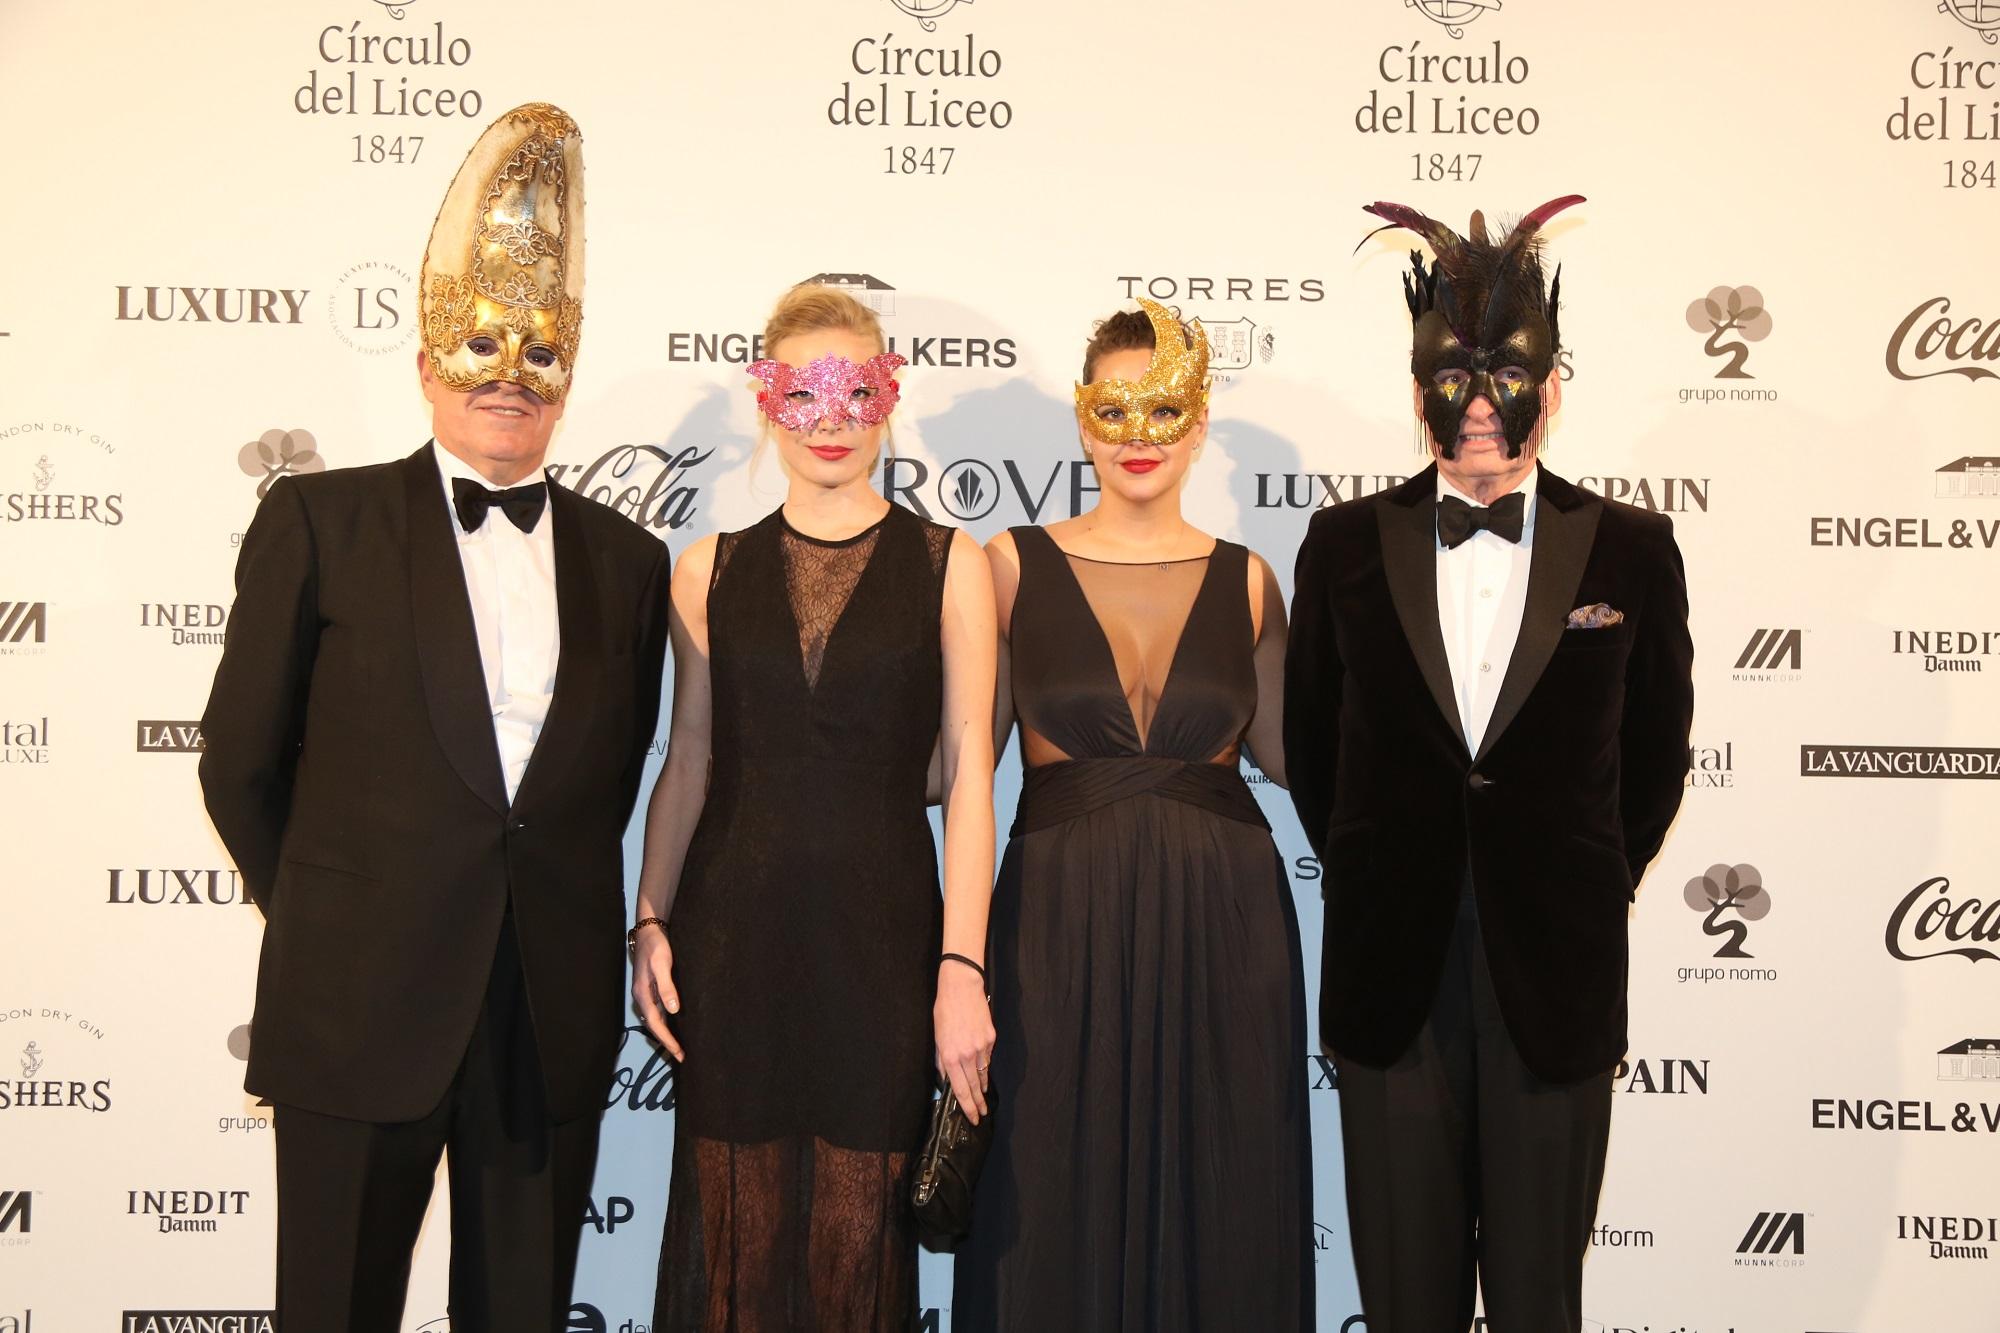 Gran Baile de Máscaras 2017